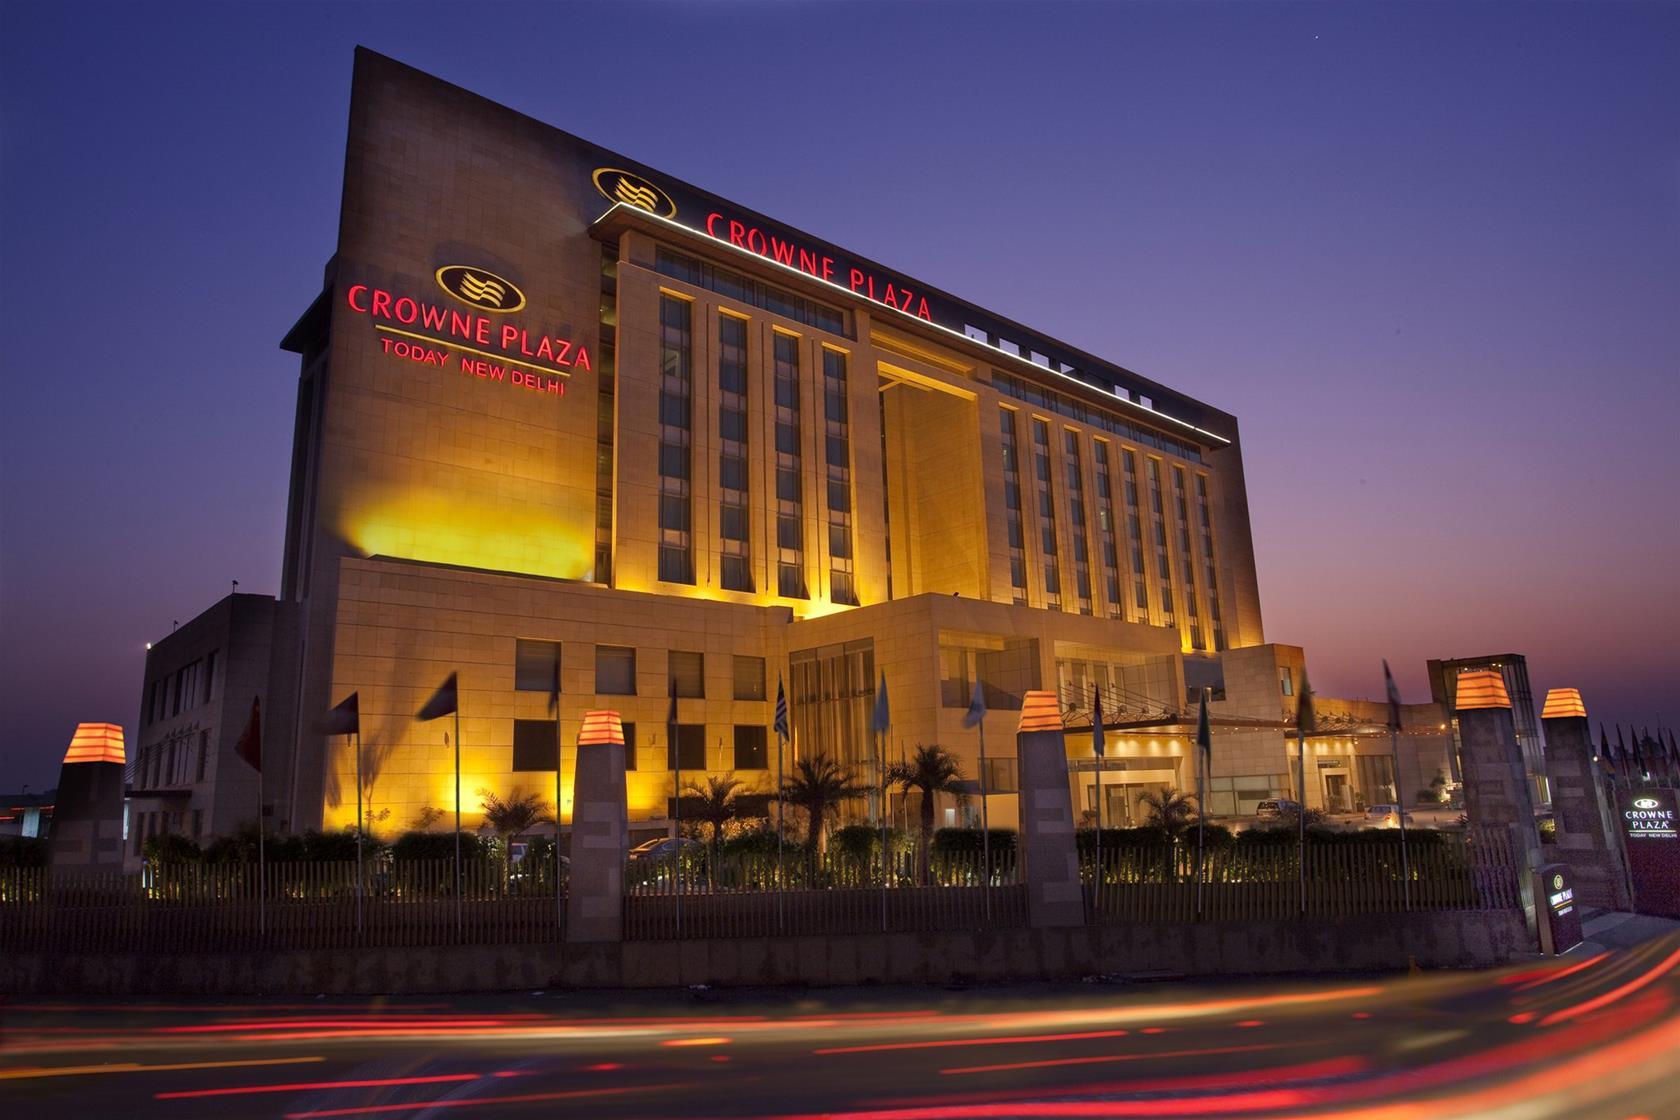 Crowne Plaza New Delhi Okhla